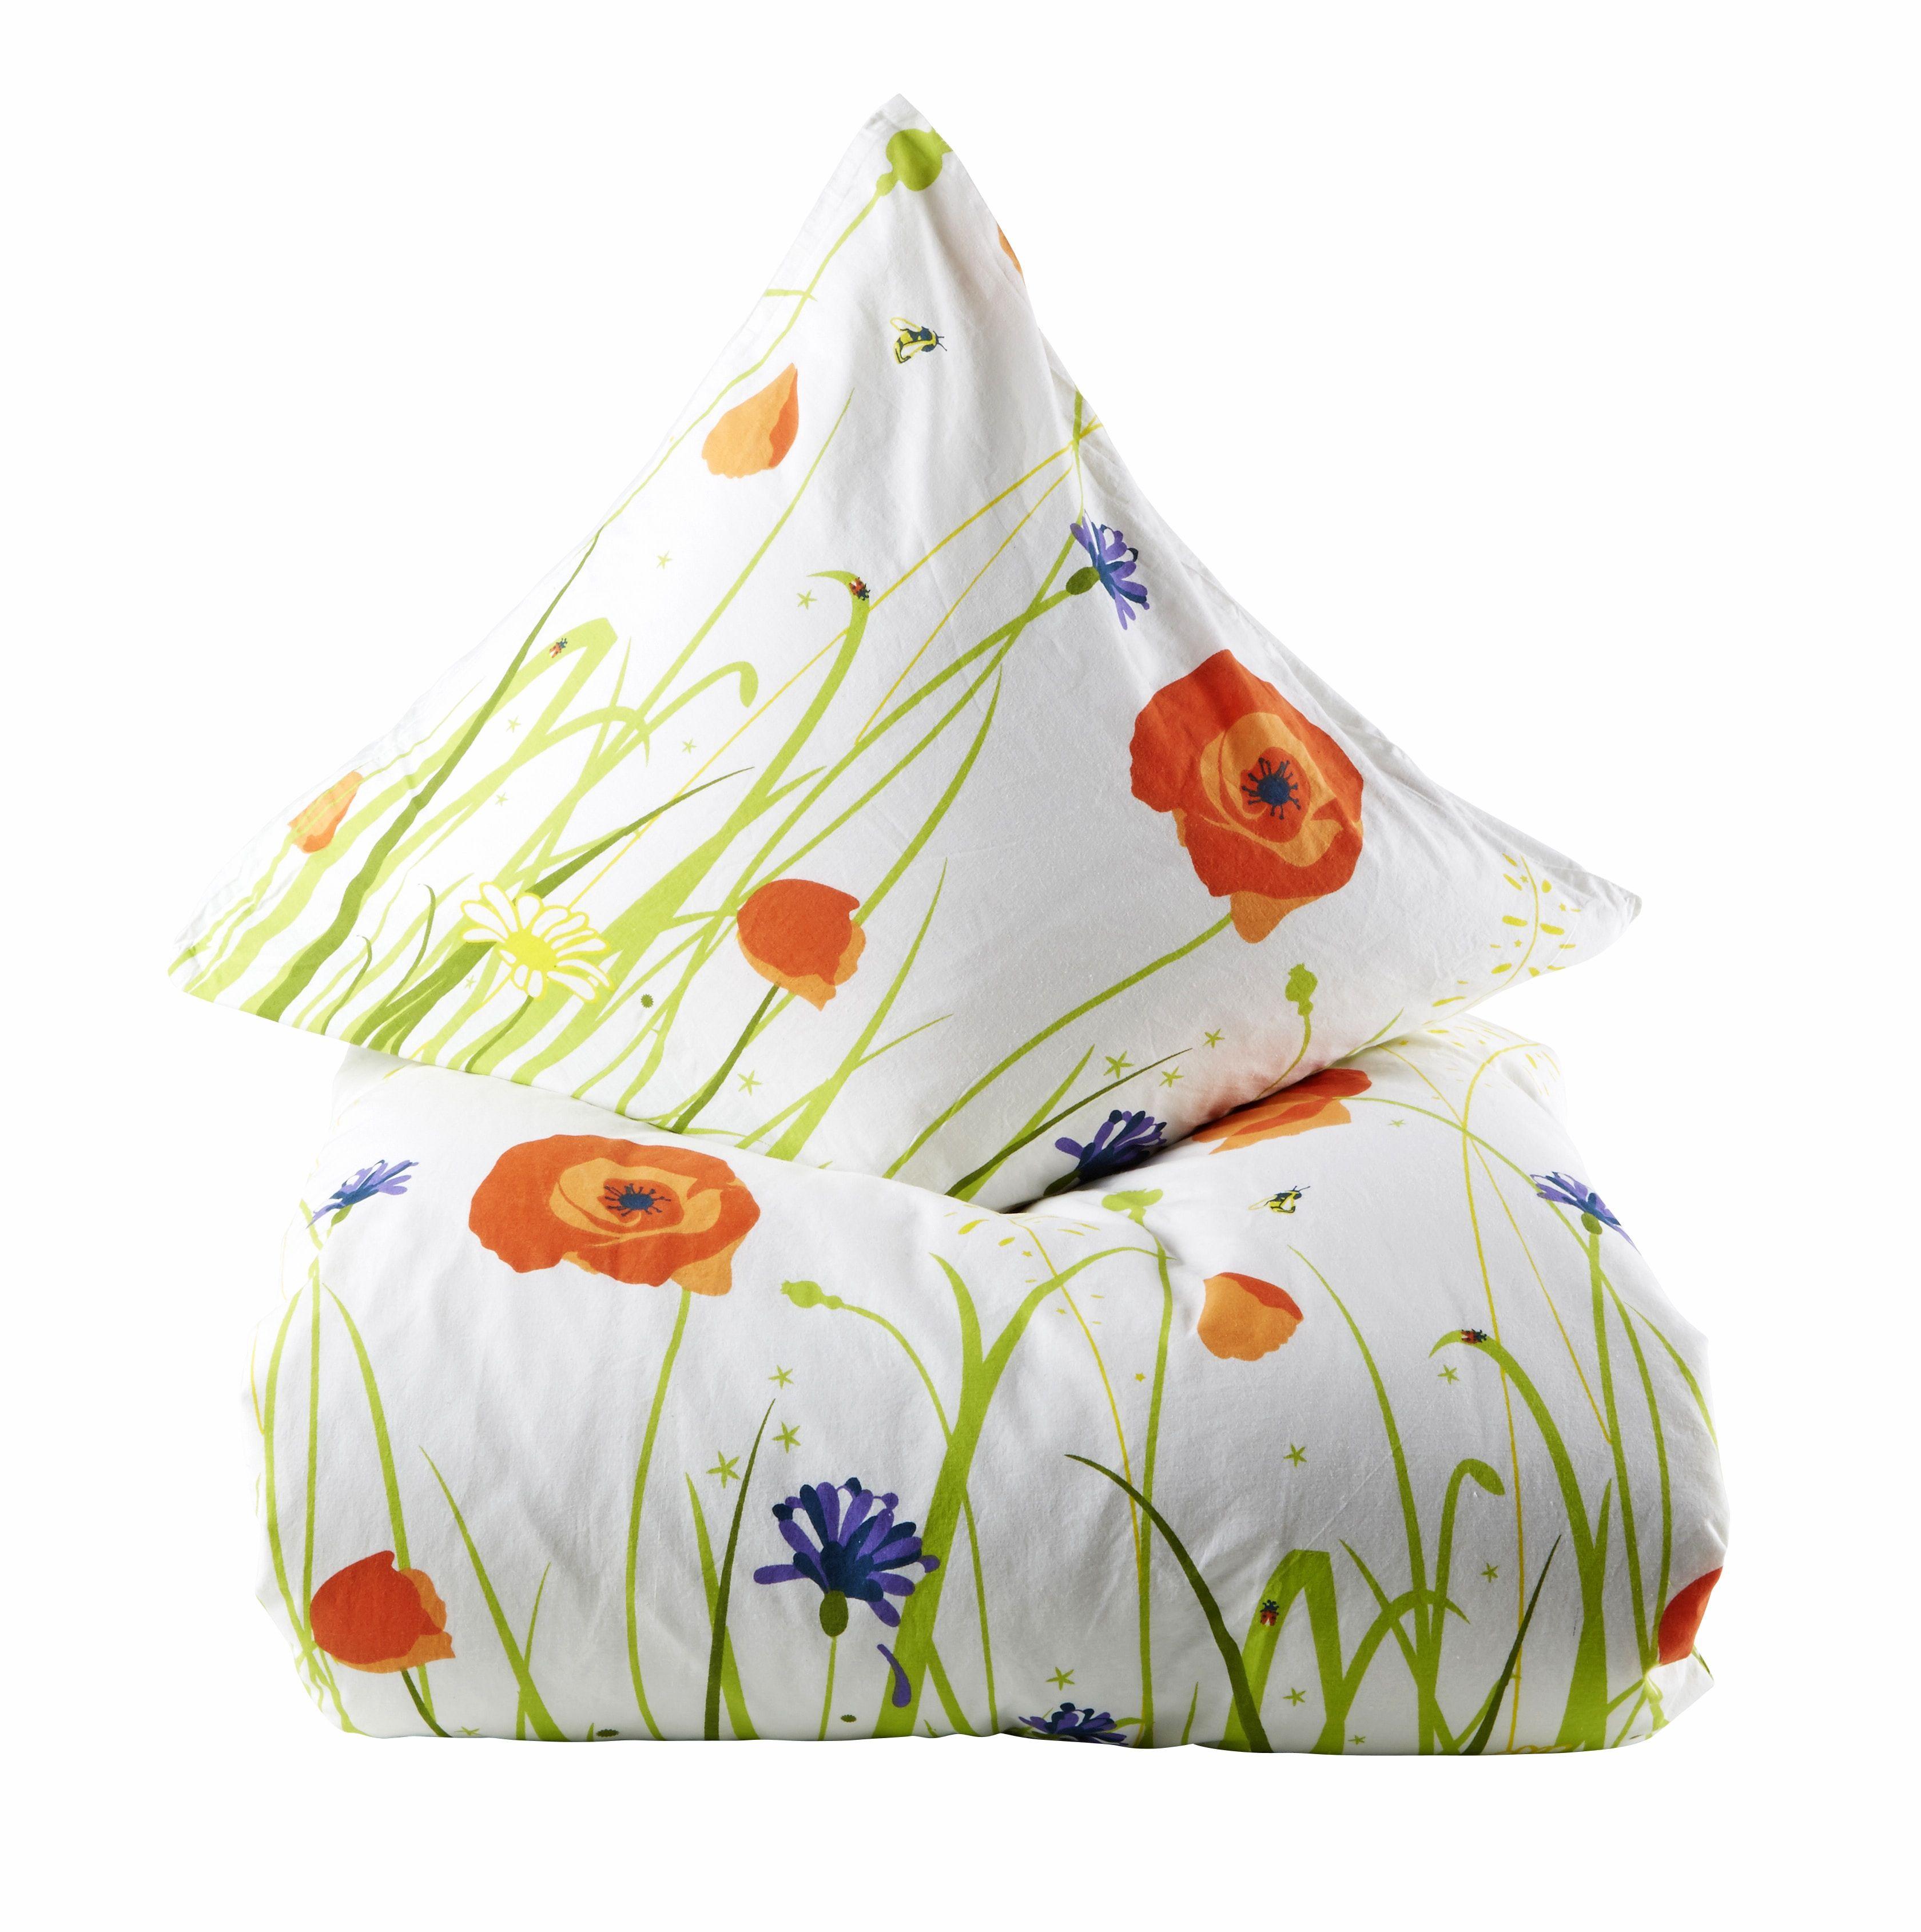 sengetøj bilka Køb Marie Sohl sengetøj   Bloom på Bilka.dk   Se også hele  sengetøj bilka